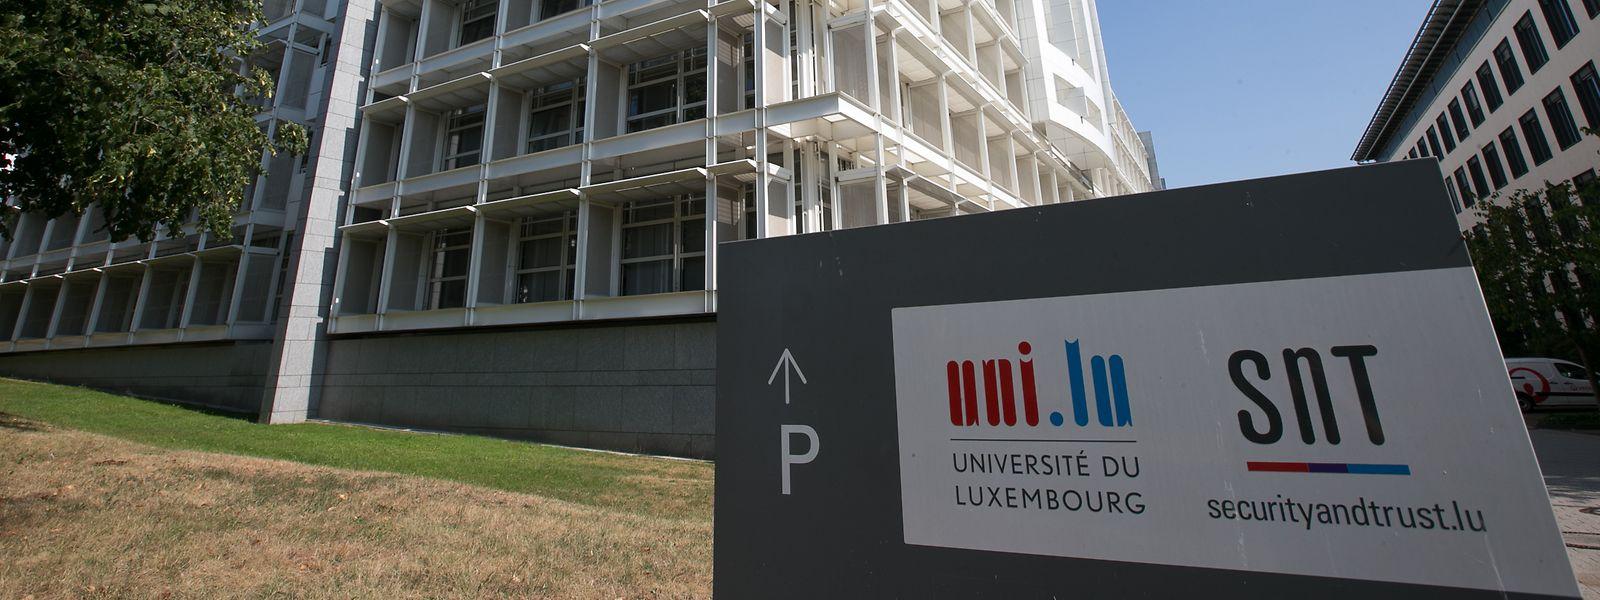 6.400 étudiants étaient inscrits à la rentrée académique en septembre 2019.